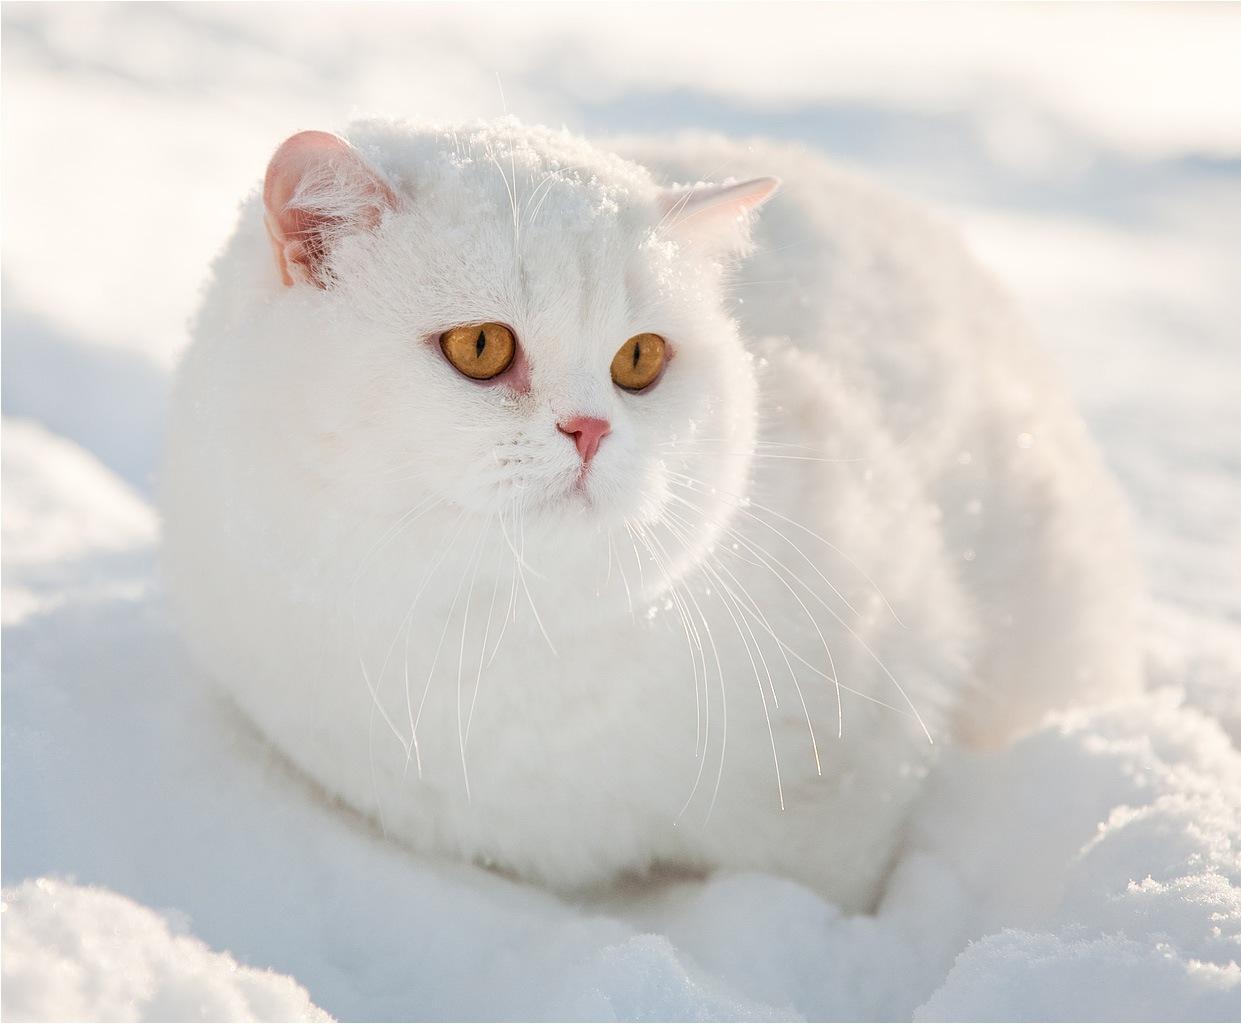 Красивые картинки котиков и кошек зимой в снег и Новый год 8